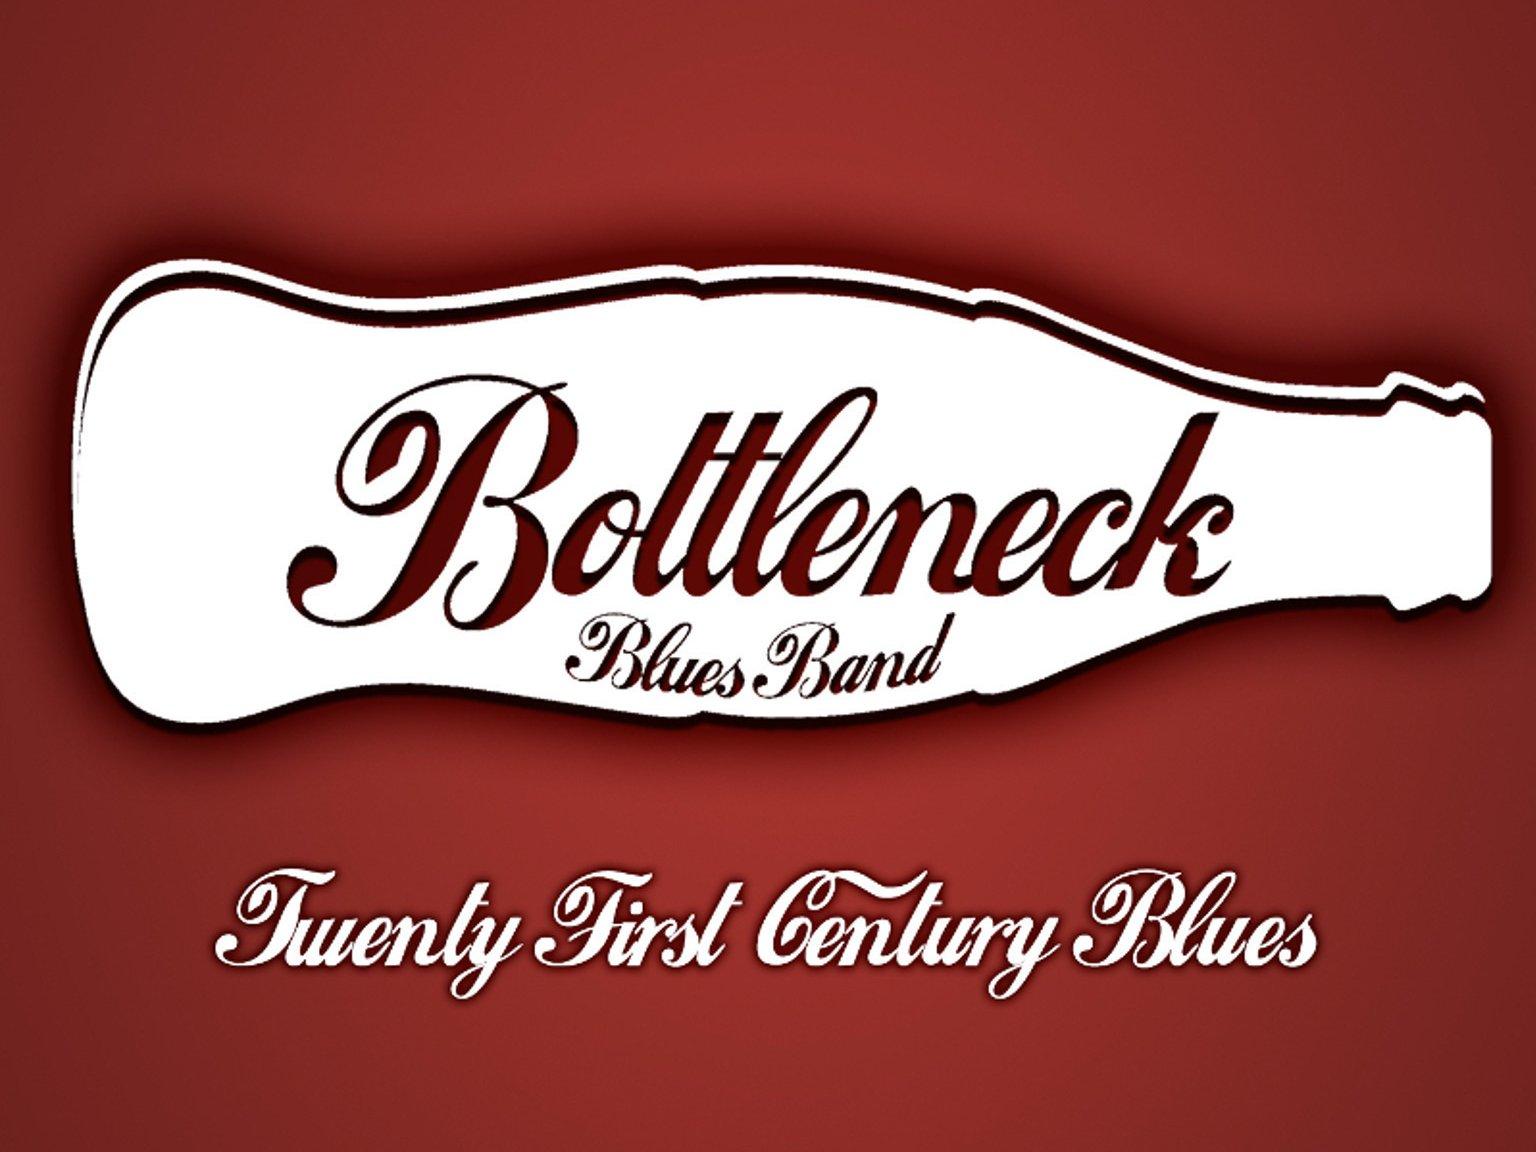 Image for Bottleneck Blues Band